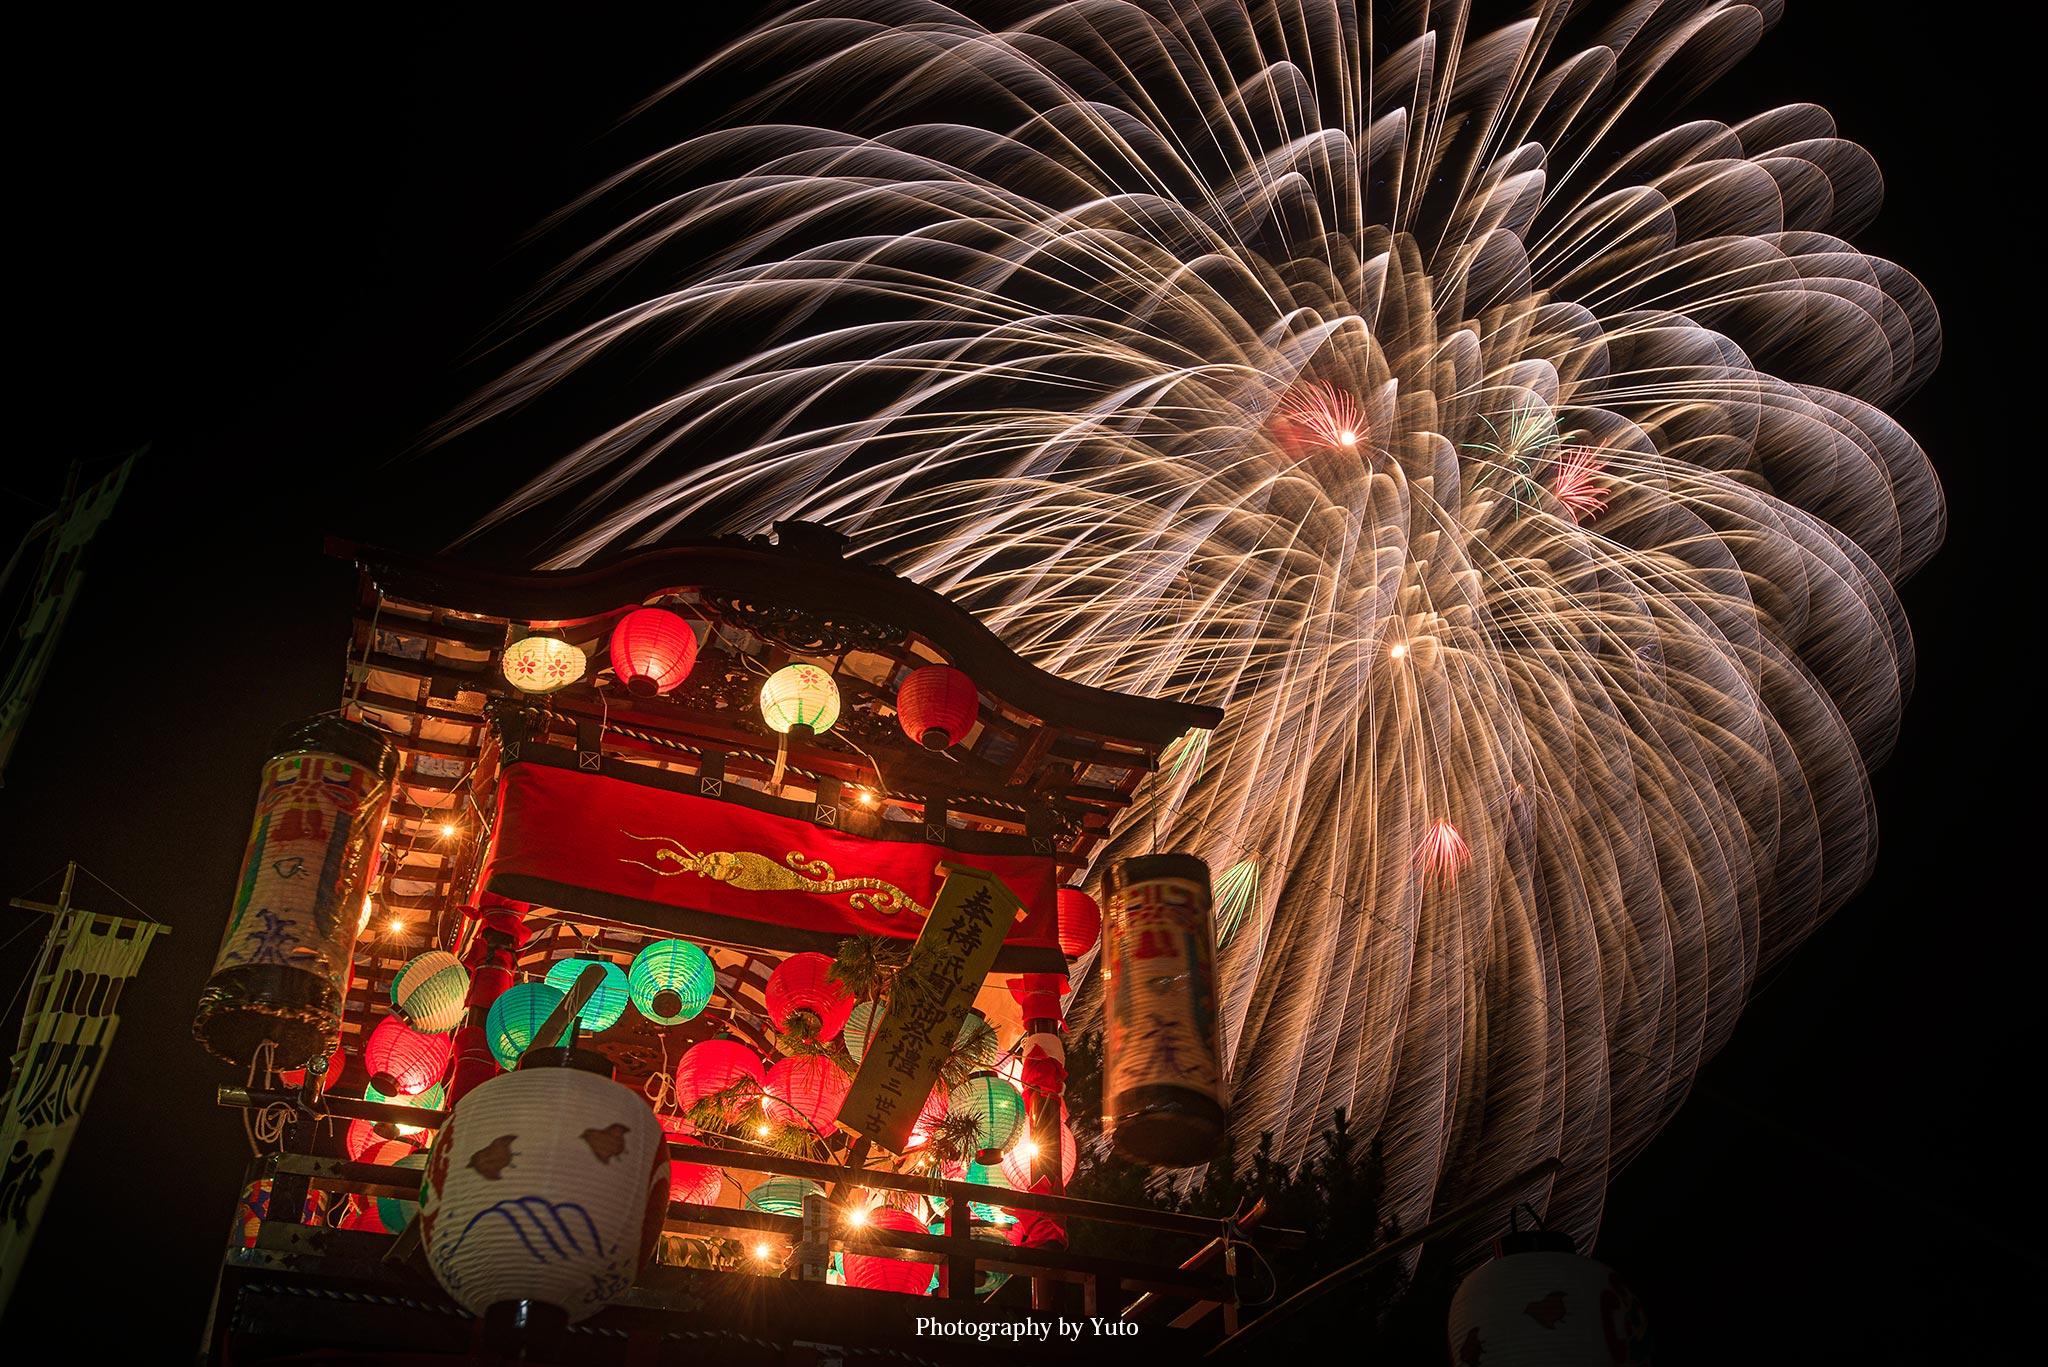 大淀祇園祭が想像以上に大規模な祭りだった